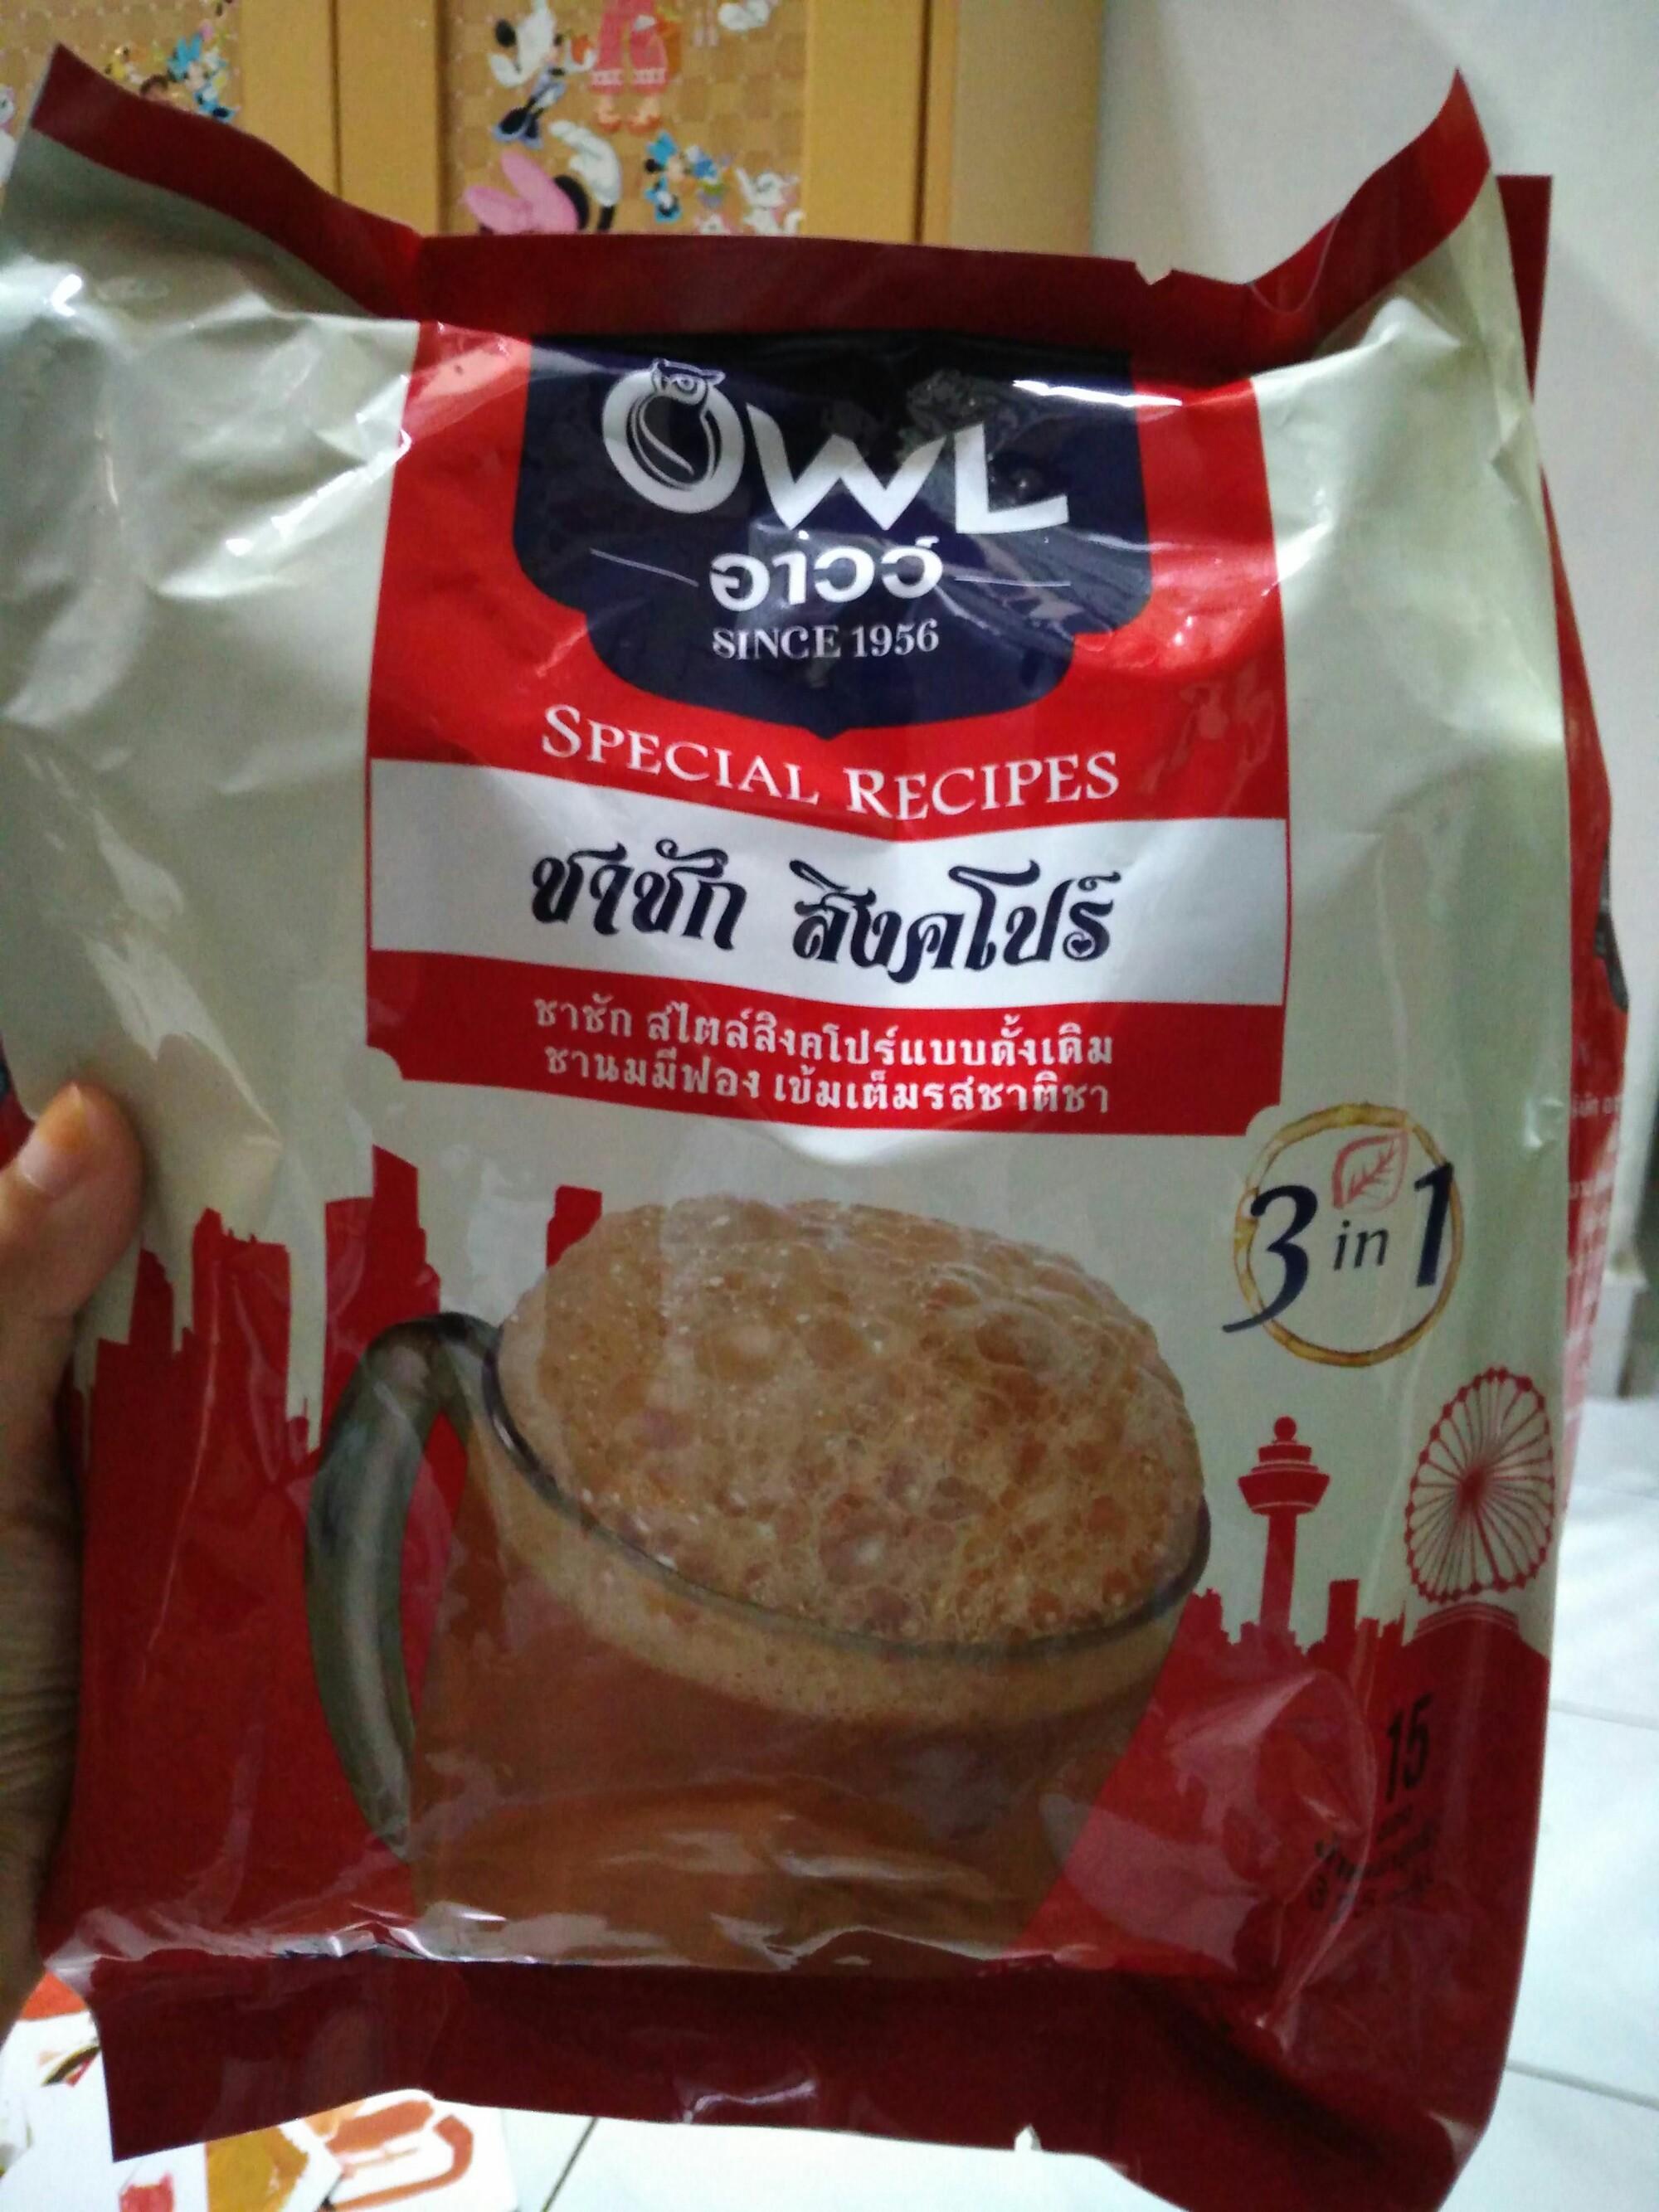 8 Thailand Snack Yang Cocok Dijadikan Oleh Sundariekowati Manisan Mangga Kering 6 Thai Tea Dan Teh Tarik